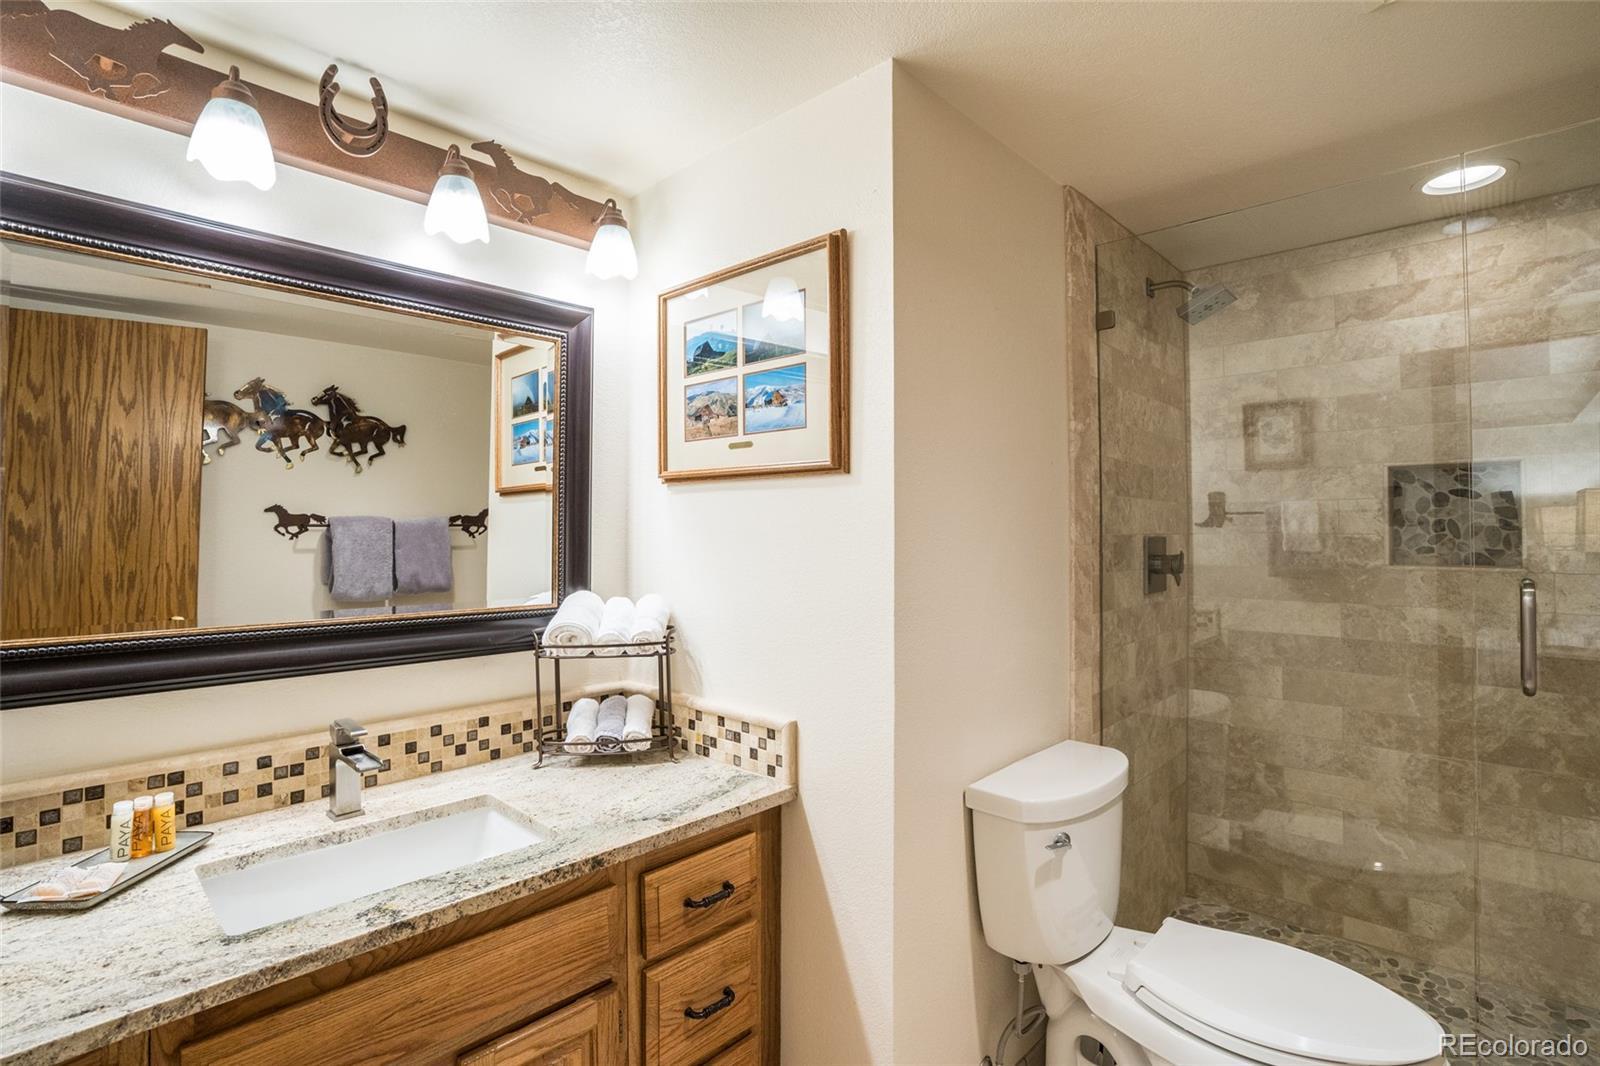 1855 Ski Time Square Drive 302 Property Photo 16